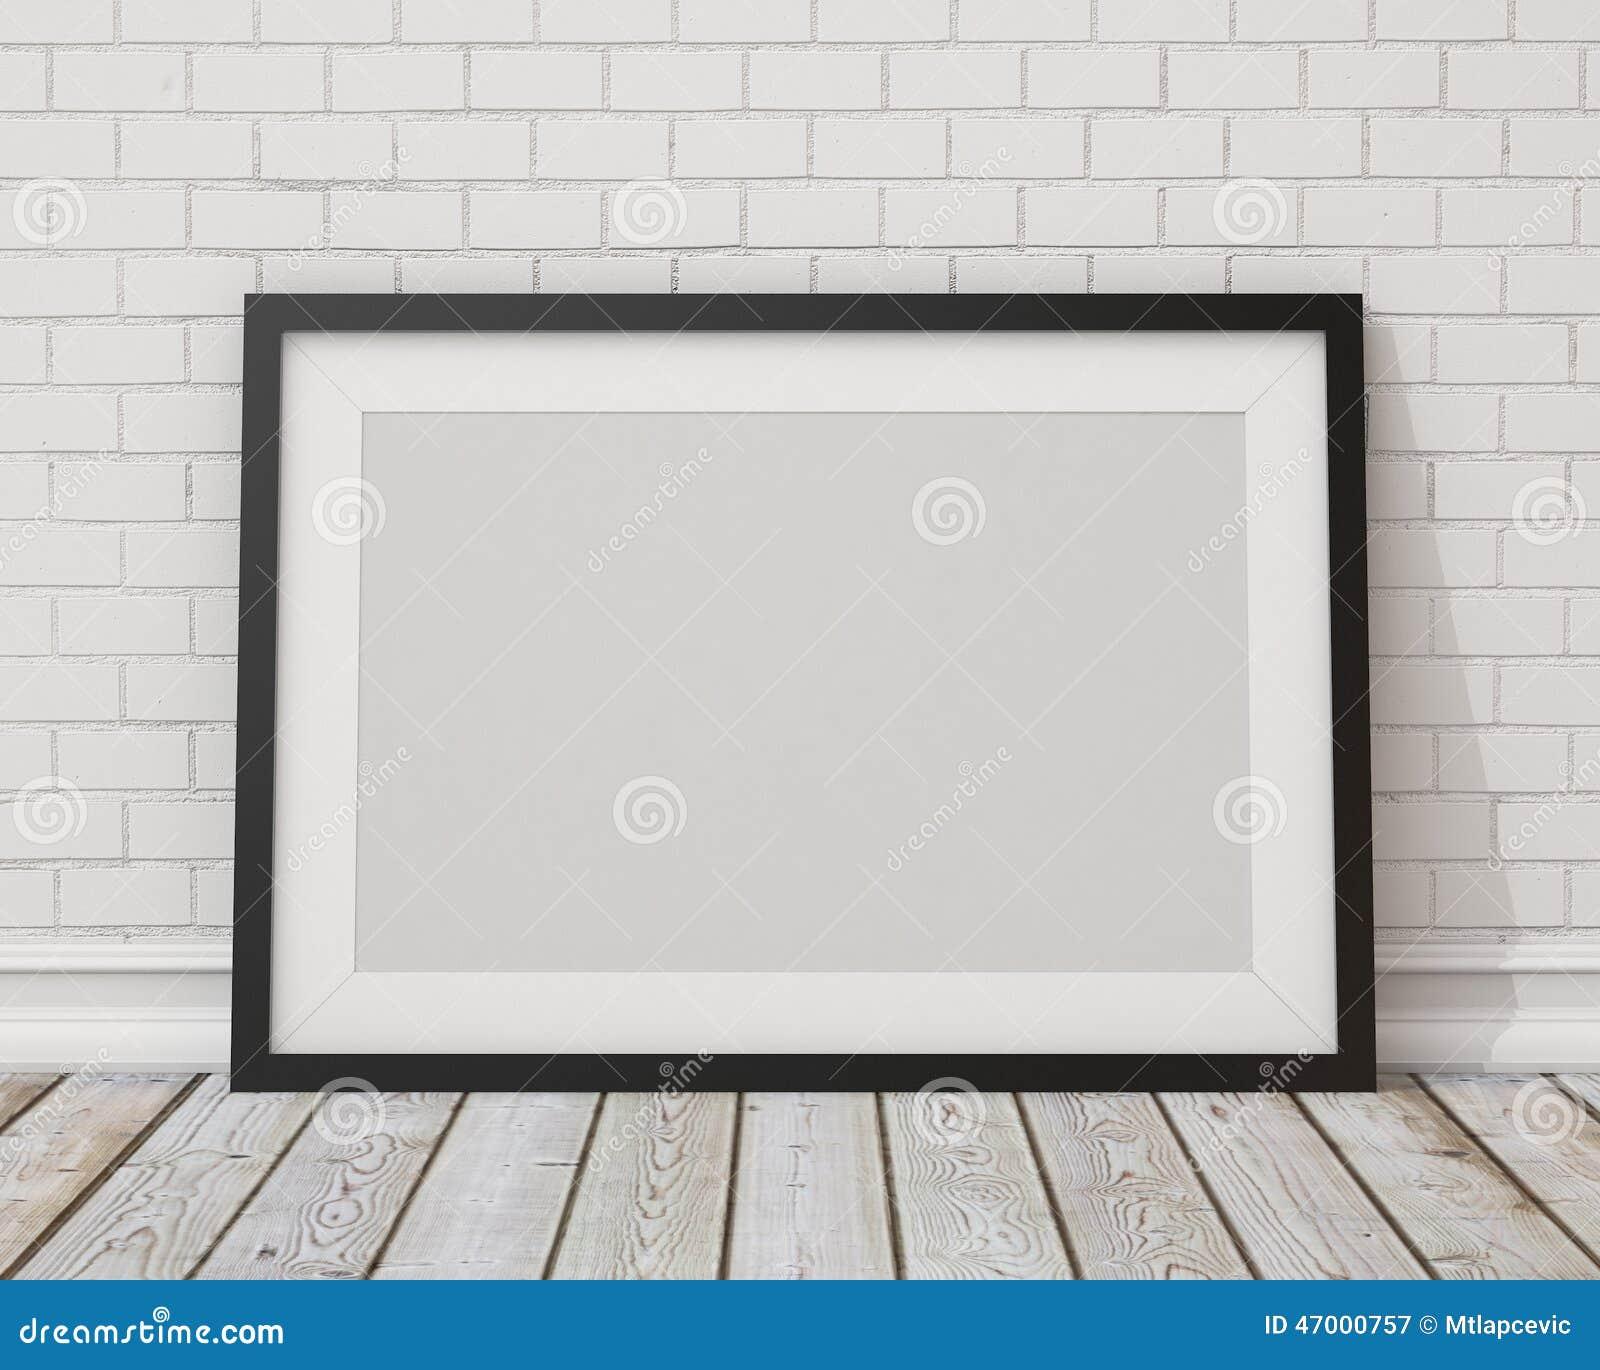 Verspotten Sie herauf leeren schwarzen horizontalen Bilderrahmen auf der weißen Betonmauer und dem Weinleseboden